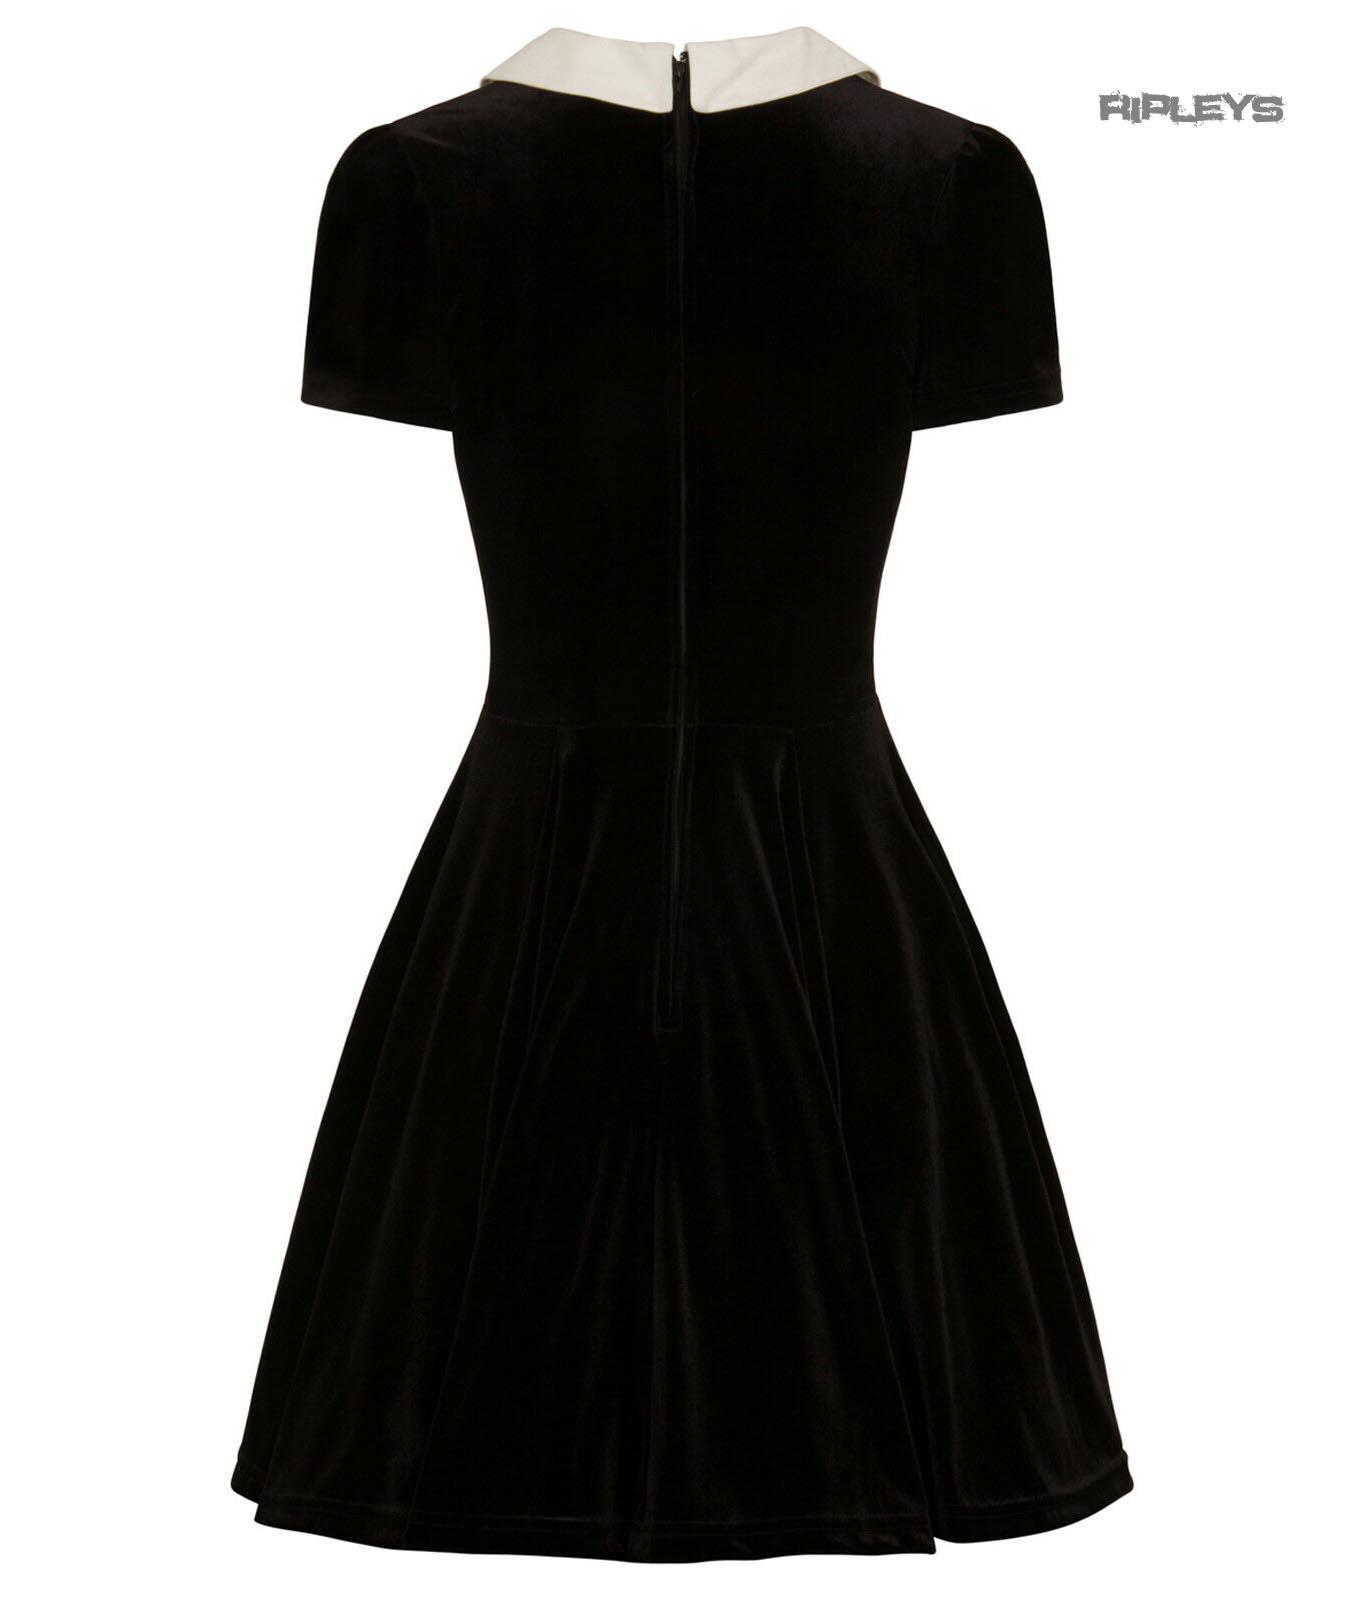 Hell-Bunny-Goth-Mini-Skater-Dress-NIGHTSHADE-Poison-Cherry-Black-Velvet-All-Size thumbnail 16